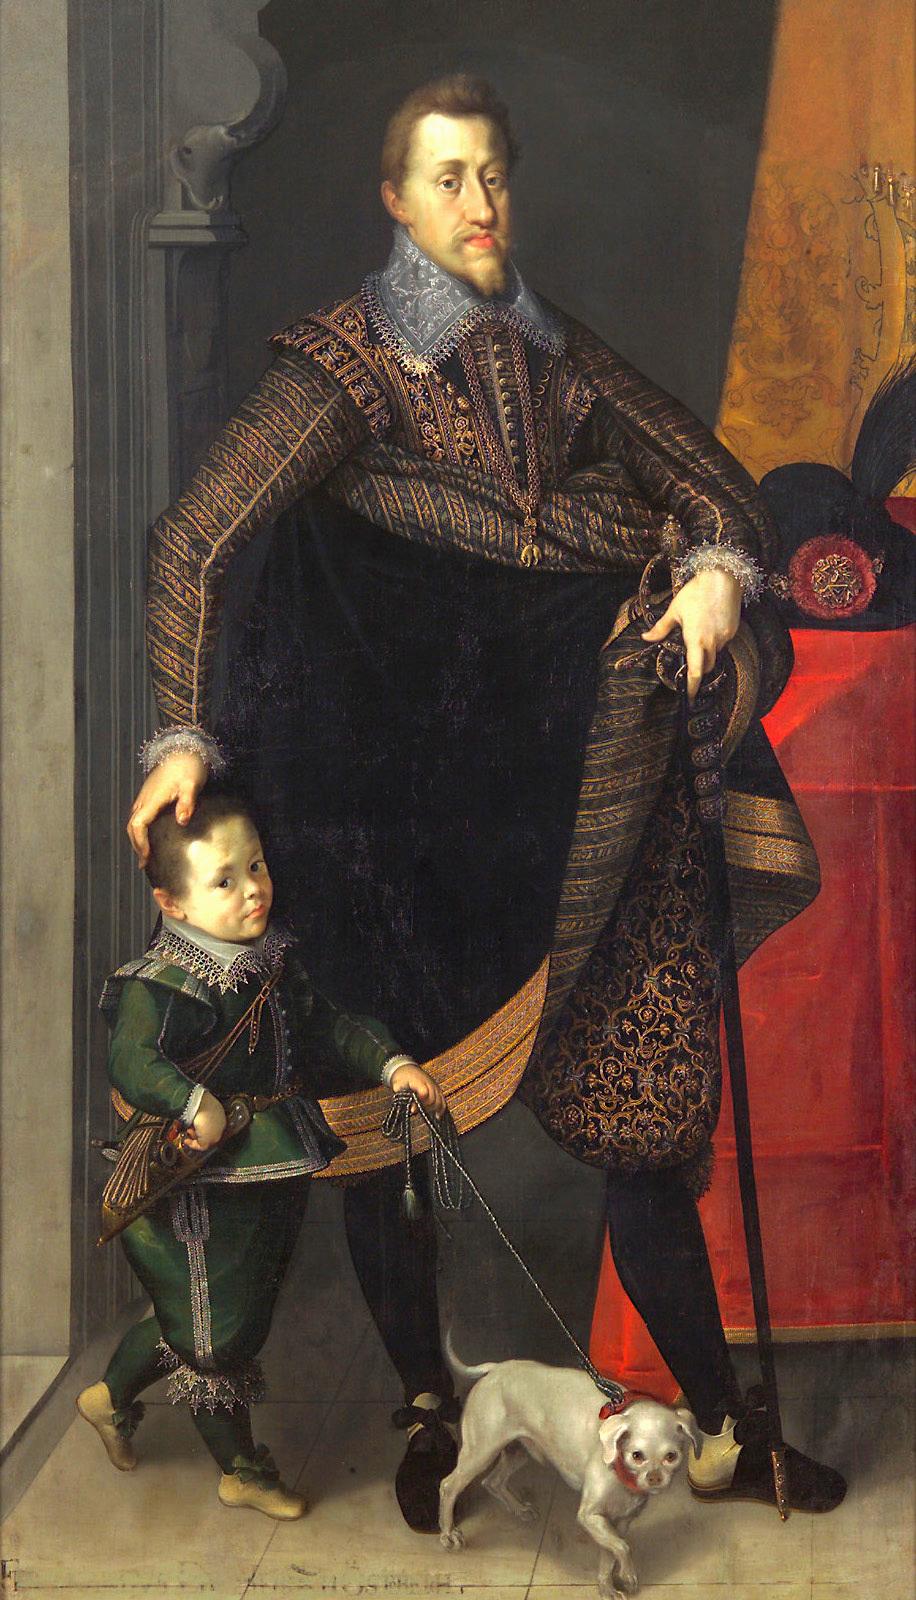 Emperador del Sacro Imperio Romano Germánico Rey de Hungría, Rey de Bohemia y Archiduque de Austria